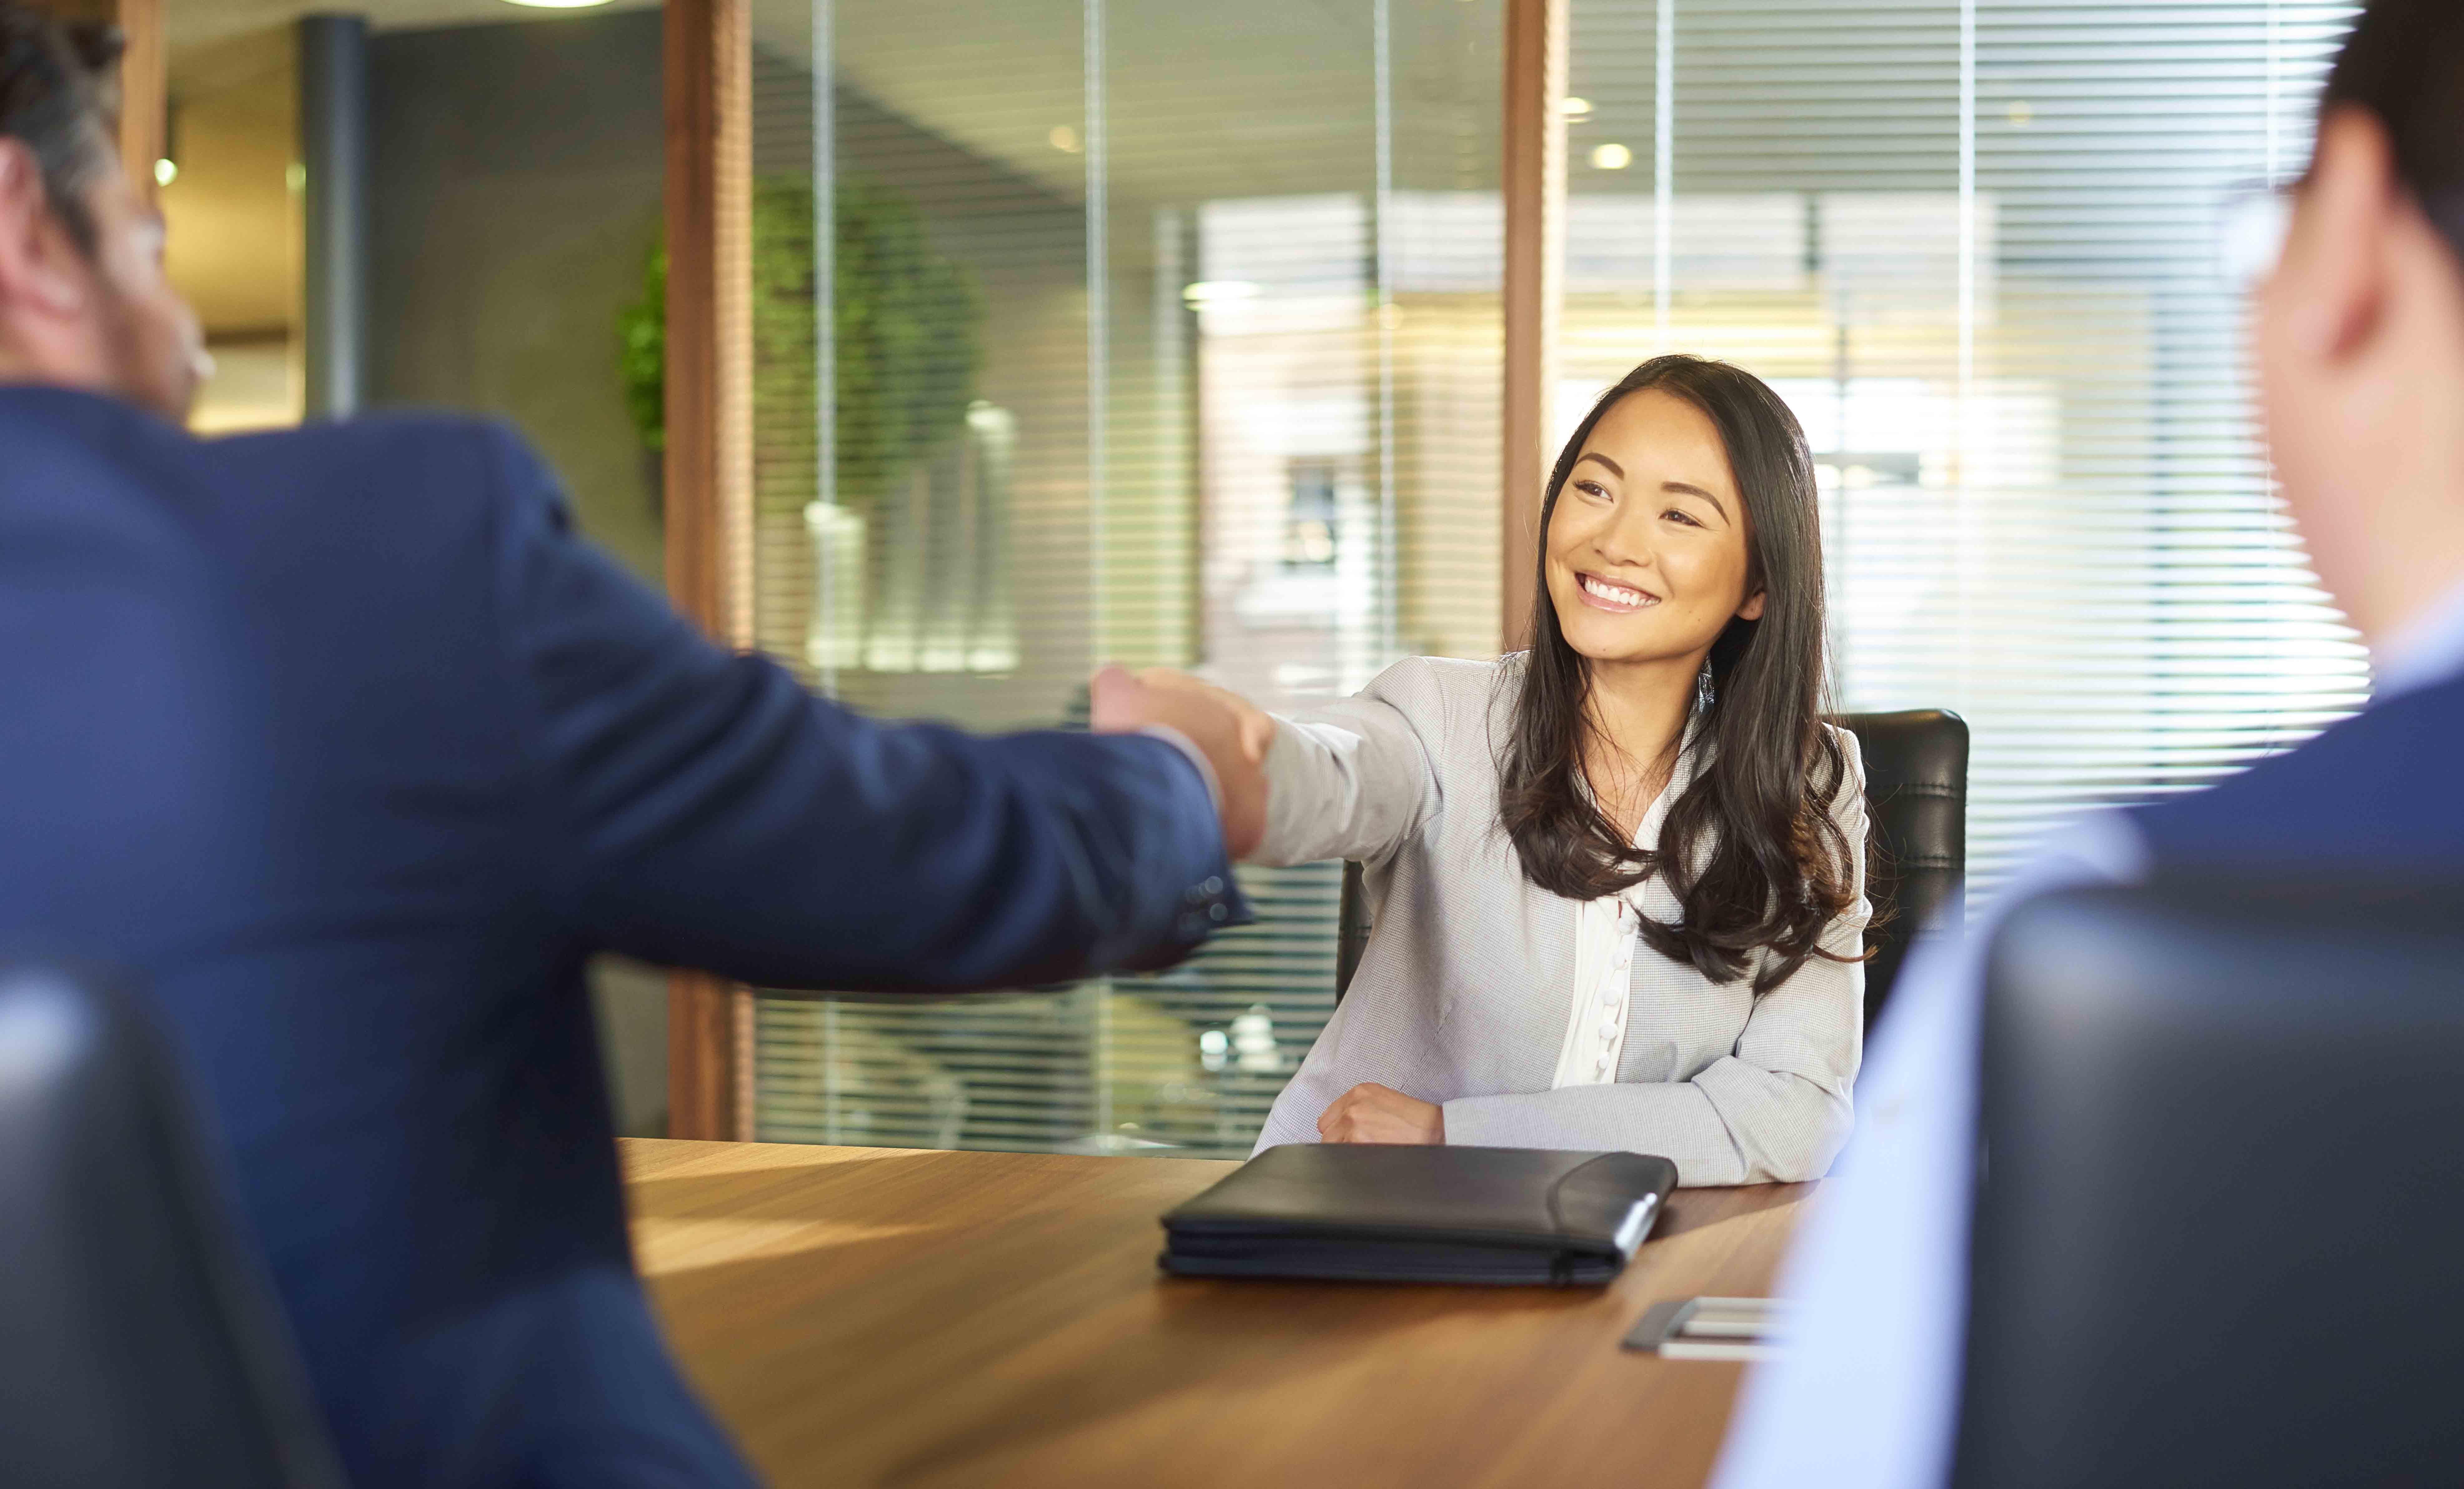 Foco en PageGroup, la firma de reclutamiento que lanzó su sexta marca en cuarentena